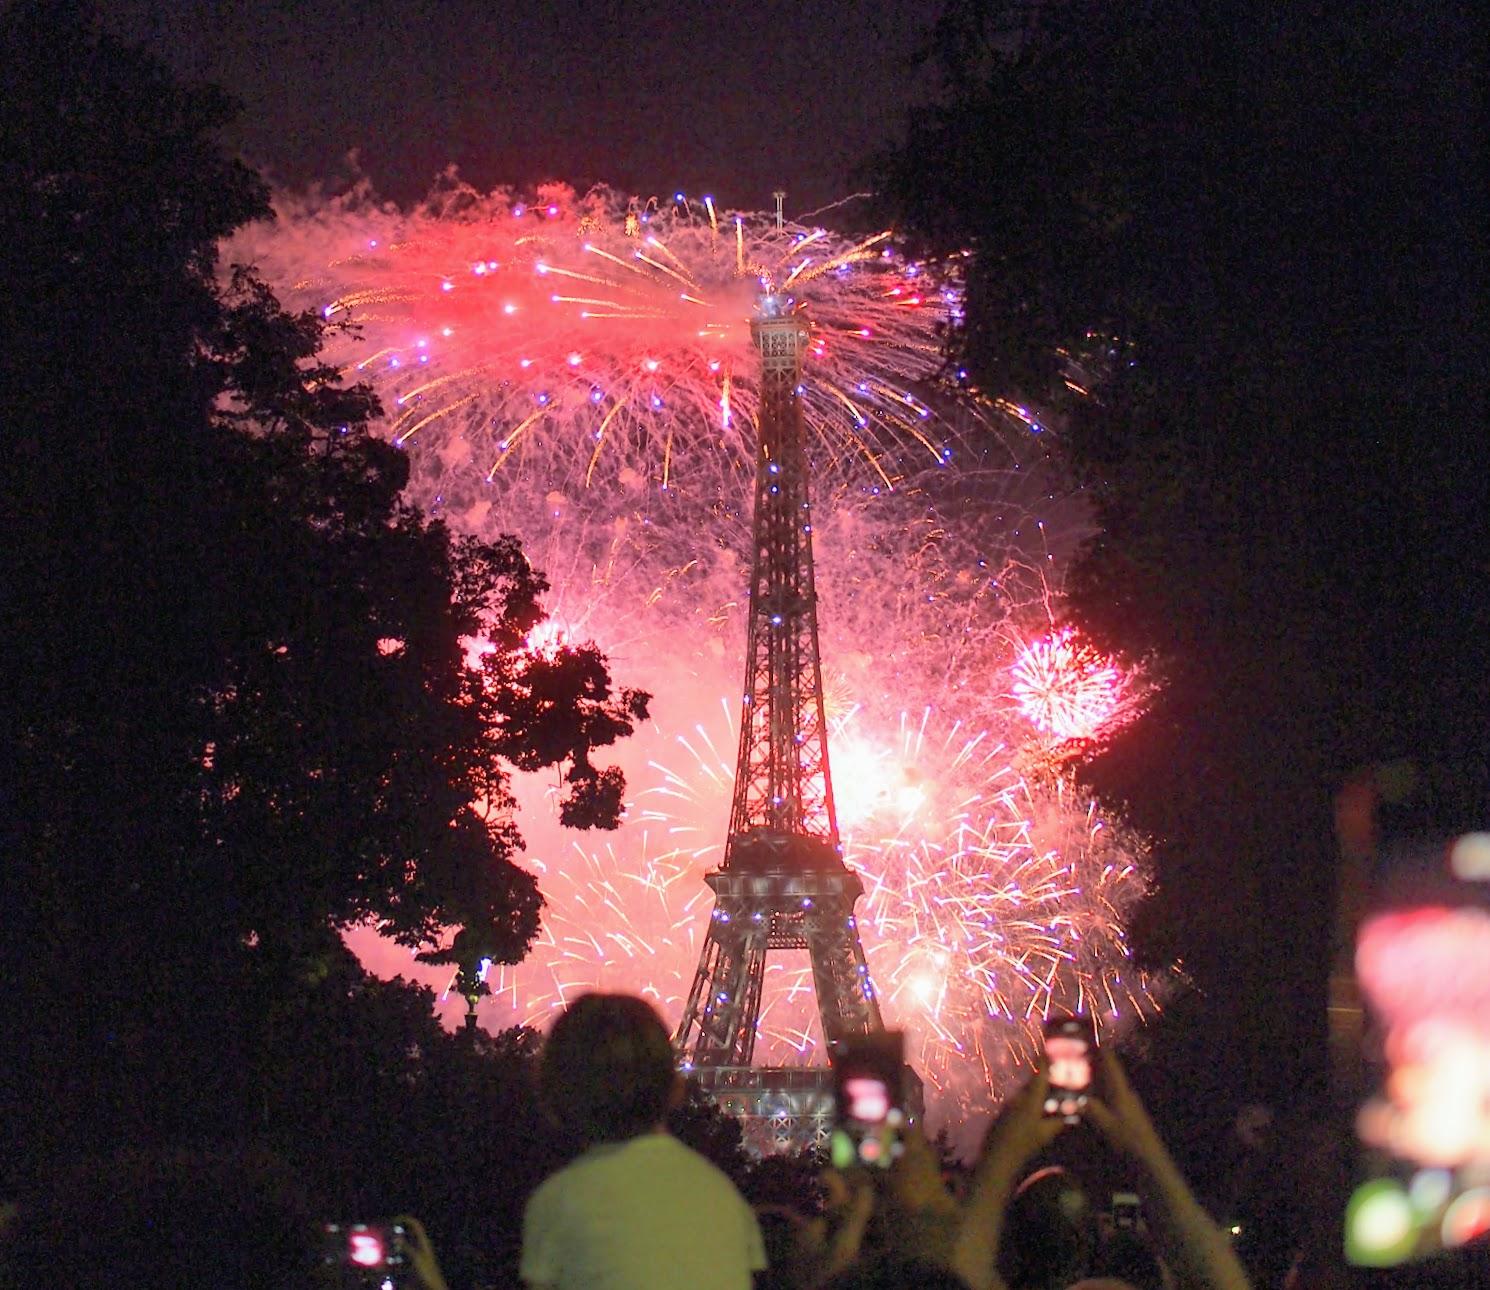 パリ,メーデー,空港,バス,封鎖,交通機関,通行止め,クリスマス,デモ,メトロ,フランス,パリ,7月14日